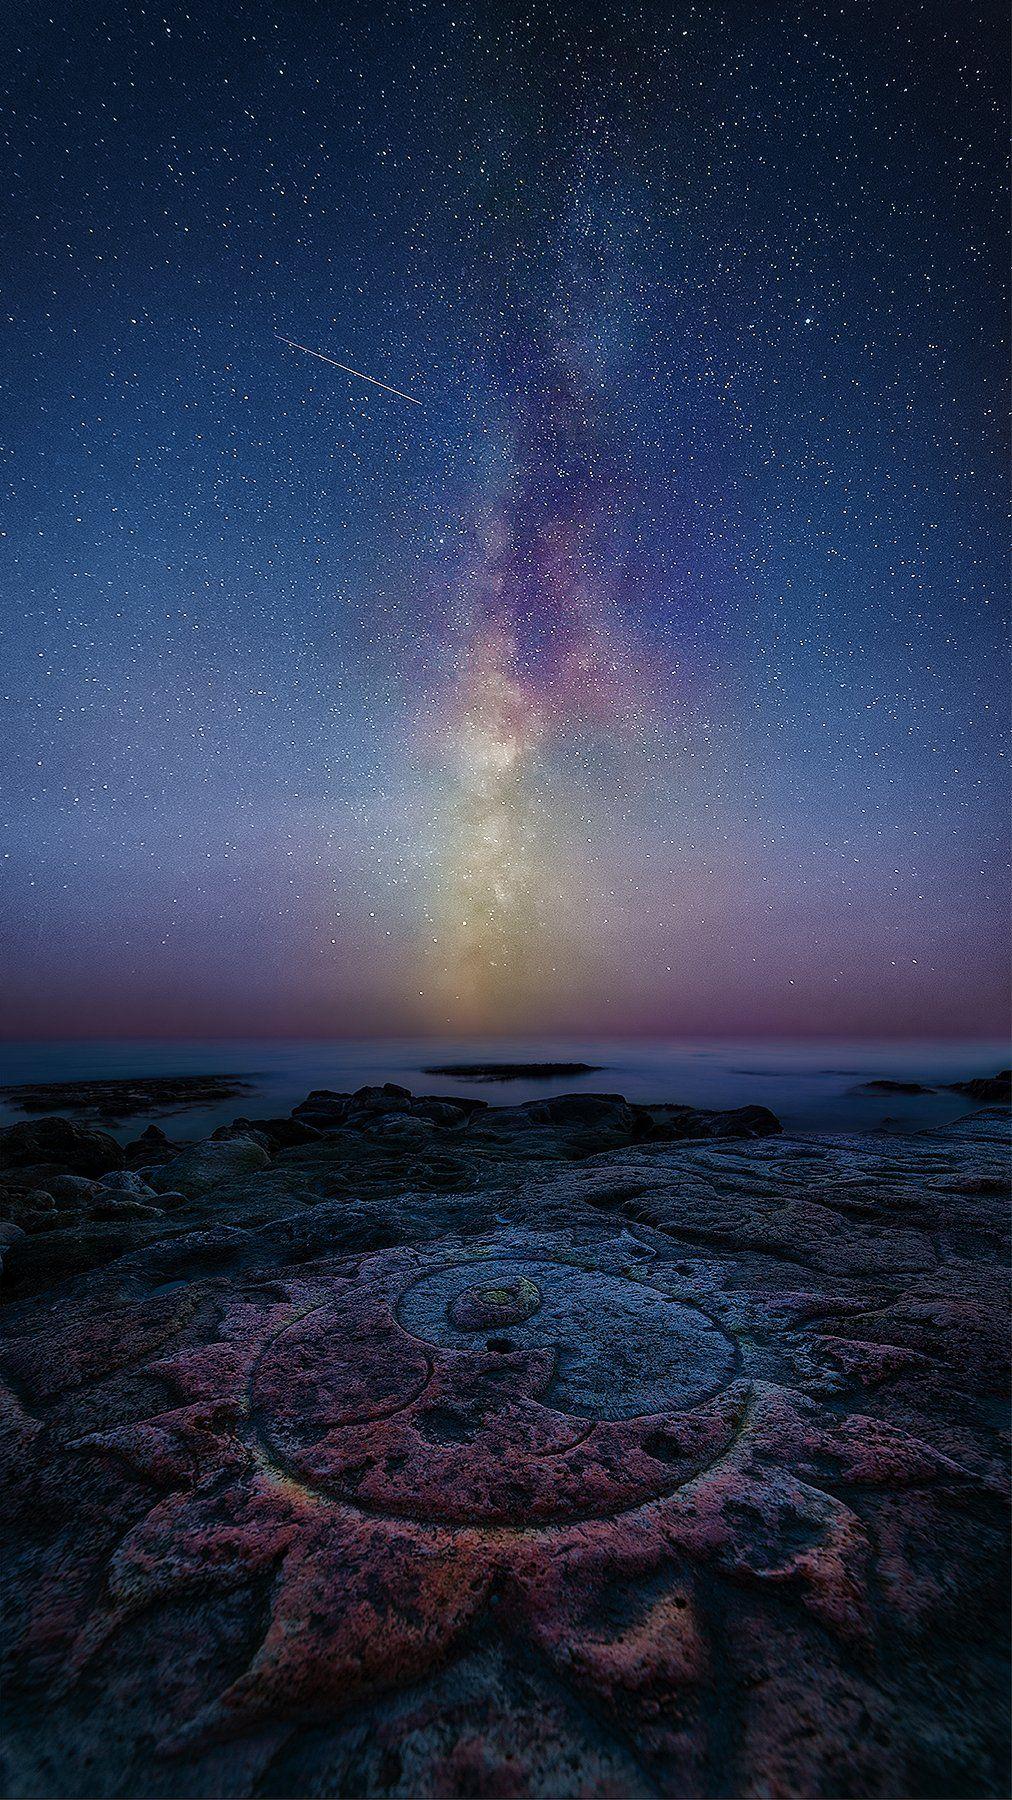 море, звезды, крым, ночь, севастополь, млечный путь, Макс